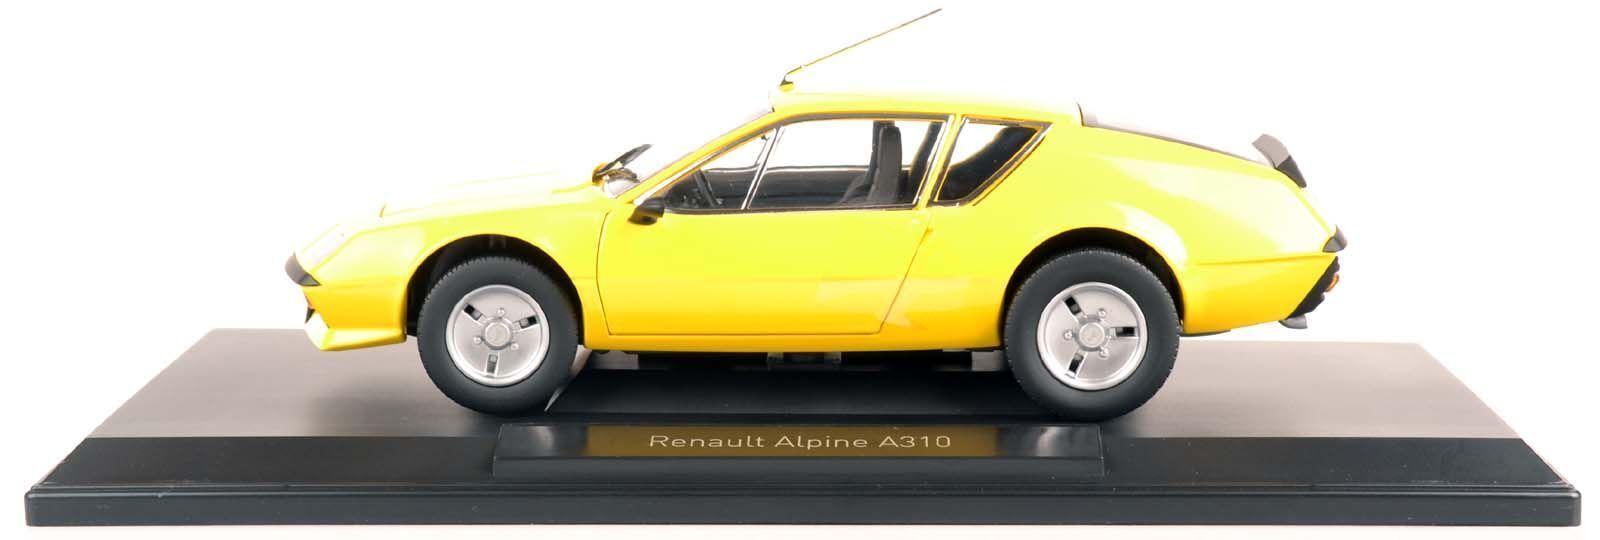 NOREV 185143 RENAULT ALPINE a310 1977 GIALLO 1 18 Nuovo Scatola Originale